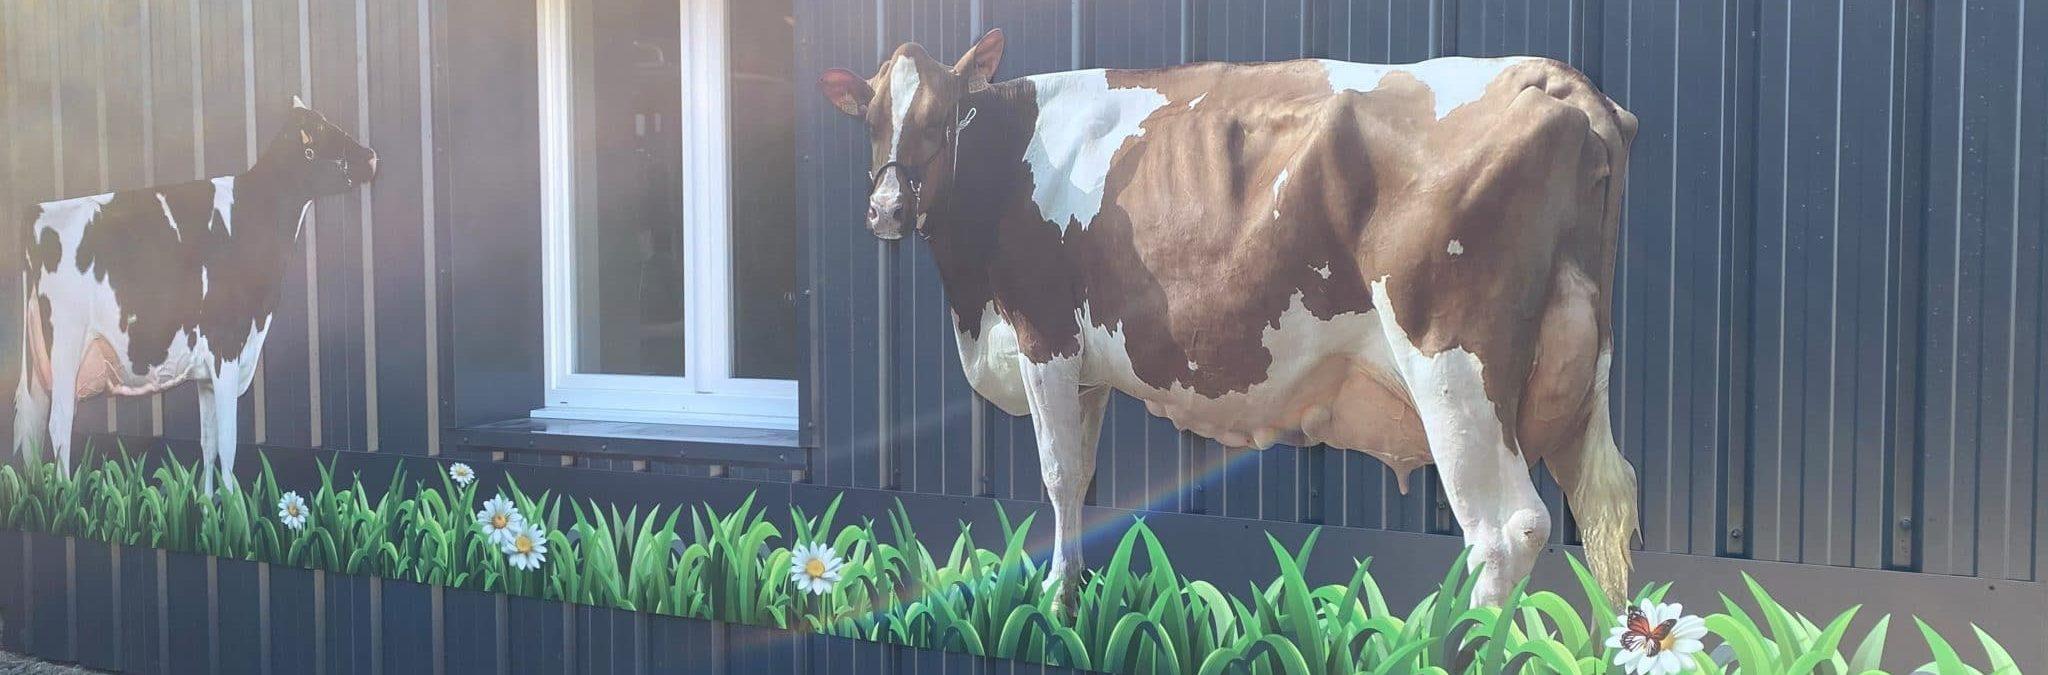 De jolies vaches pour la ferme du Gaec du Zercis dans la Manche